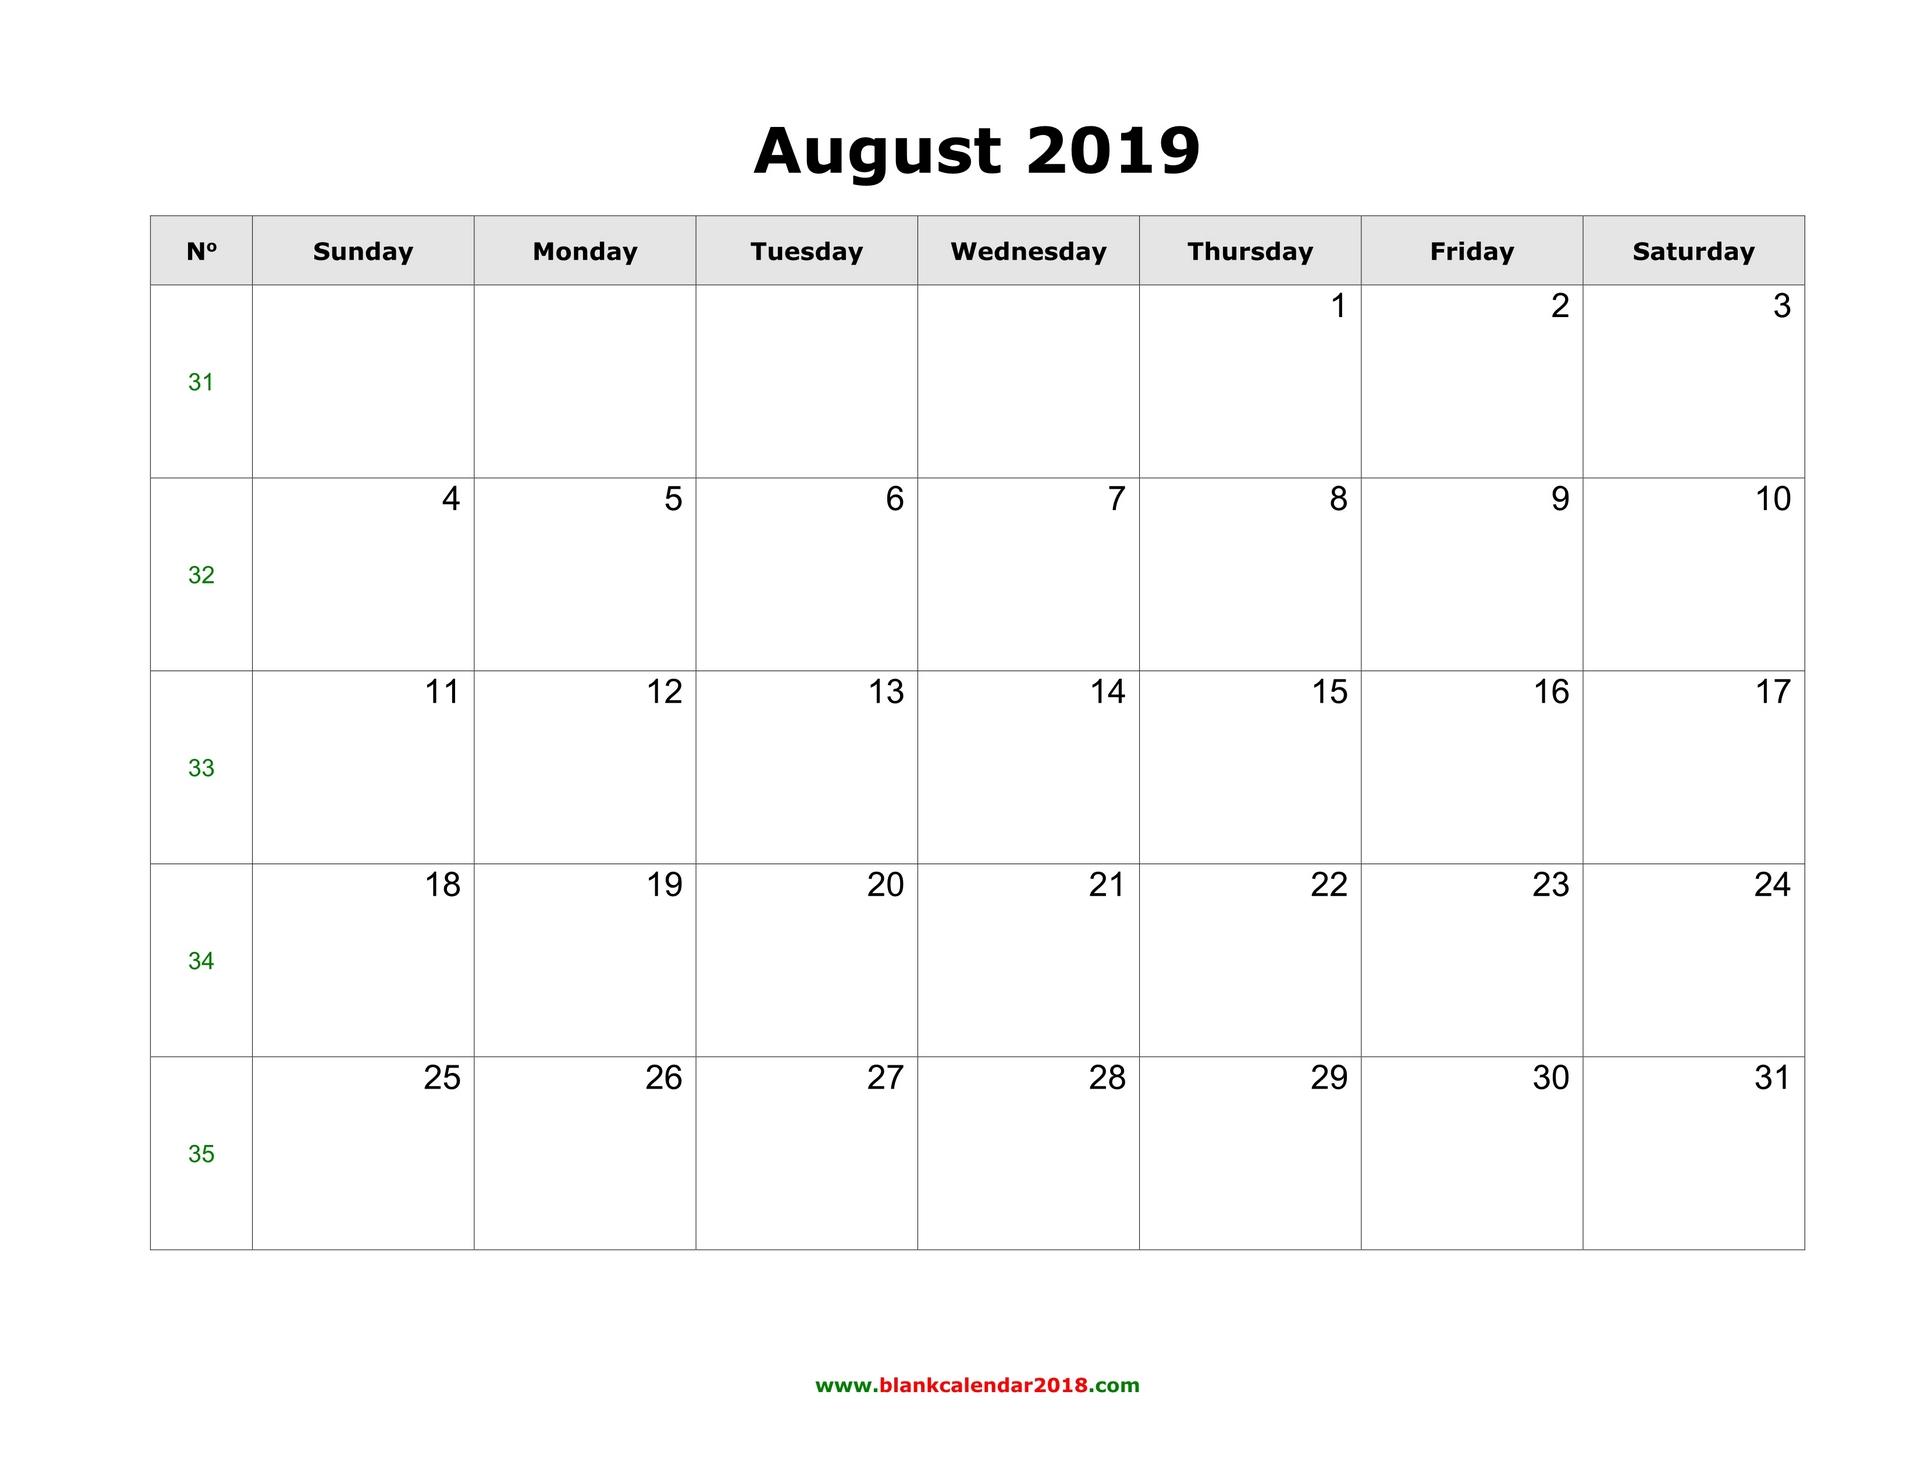 Blank Calendar For August 2019 regarding Blank Calendars For August